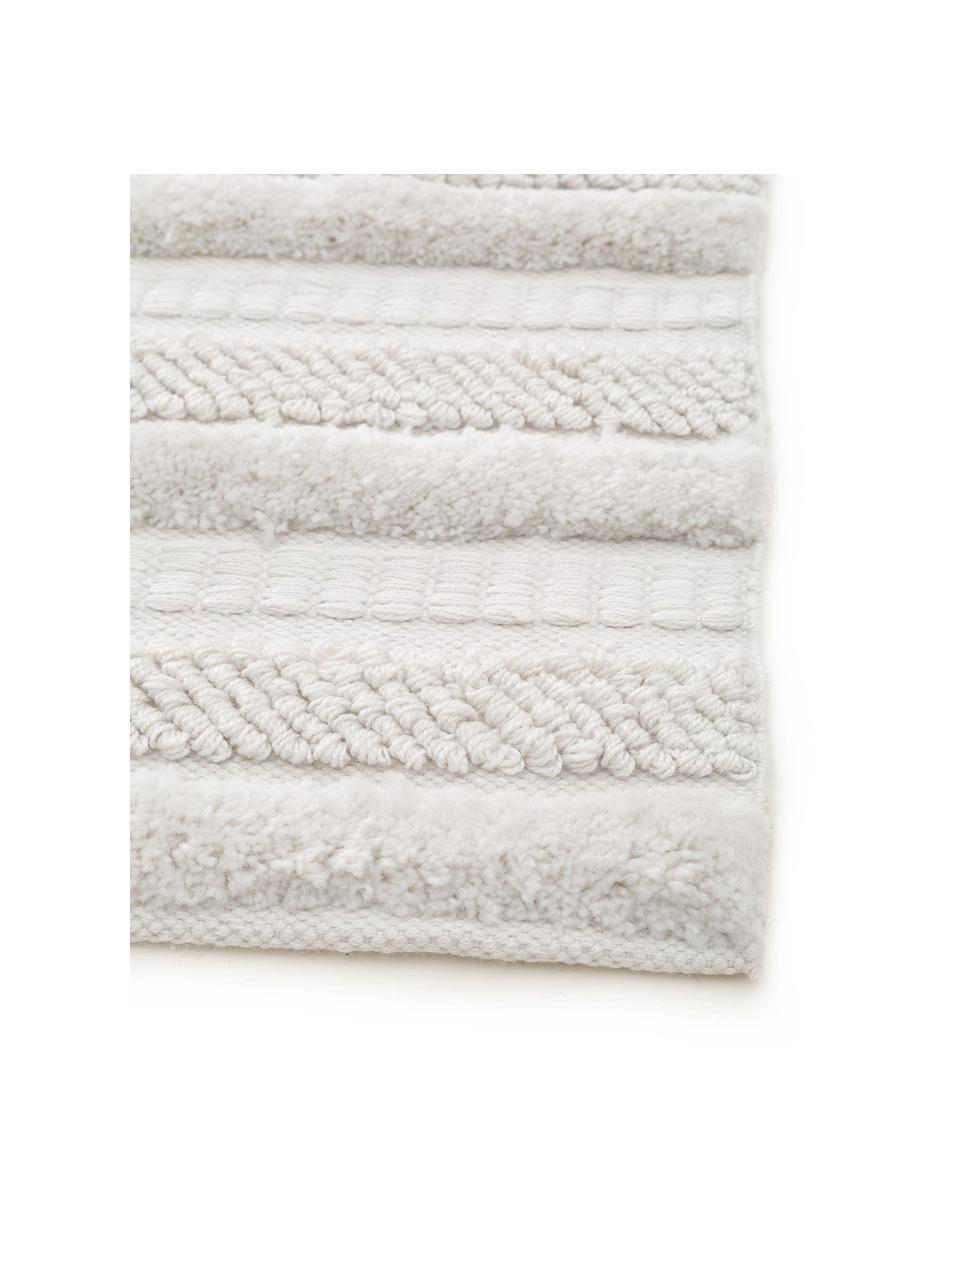 In- & Outdoor-Teppich Toni mit Hoch-Tief-Struktur, 100% Polyester (recyceltes PET), Elfenbein, B 200 x L 300 cm (Größe L)